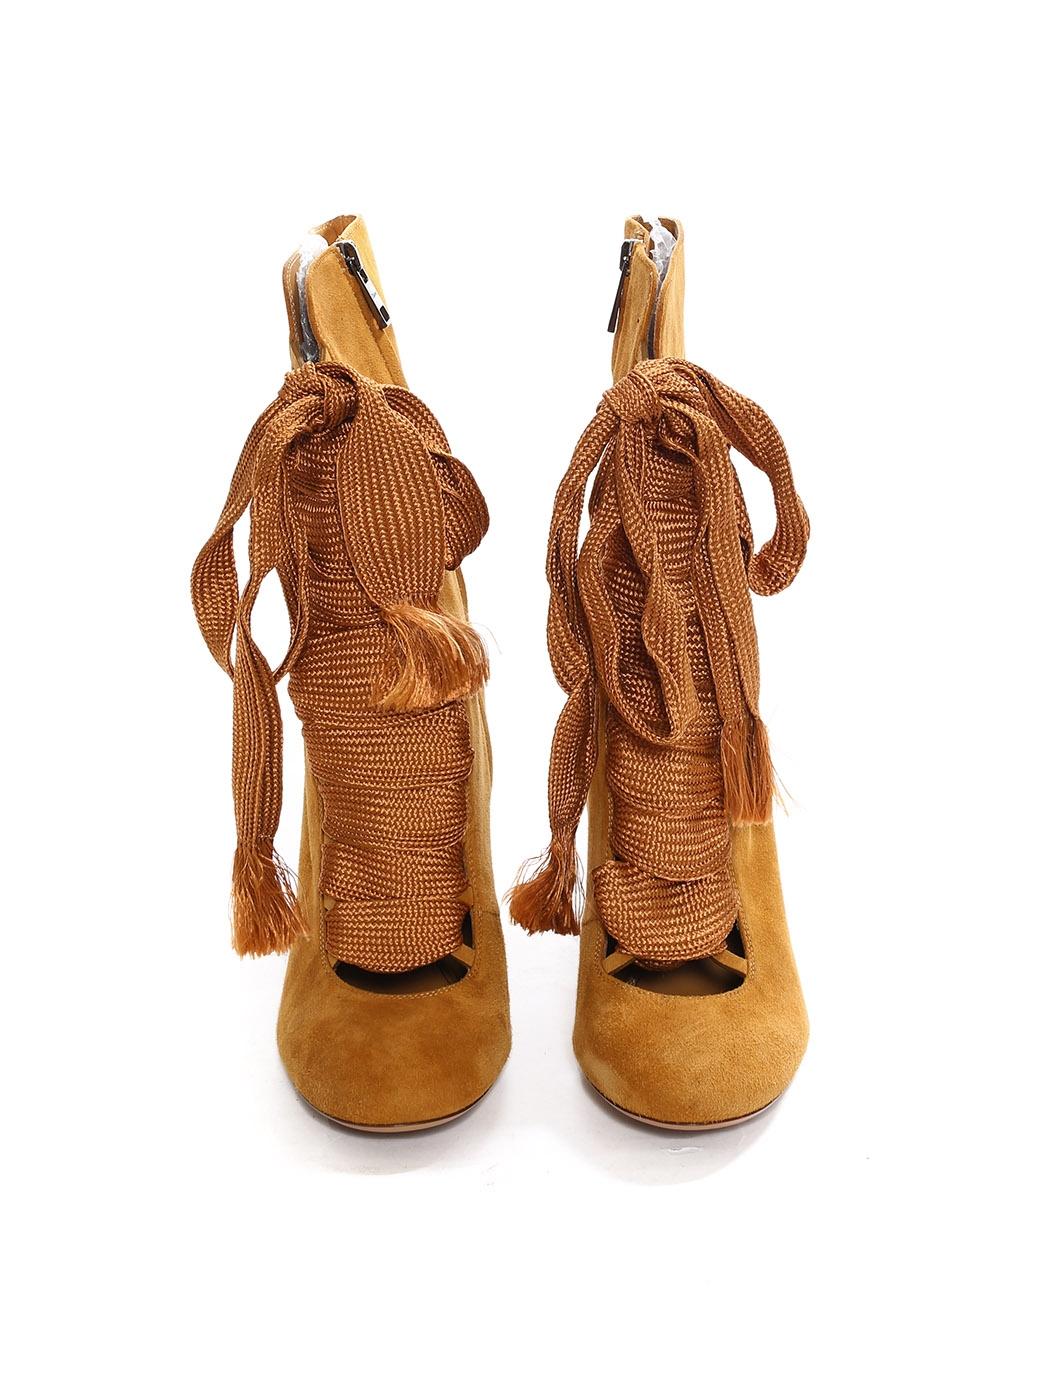 f5380dd7 Louise Paris - CHLOE HARPER Tan brown suede leather wooden heel ...